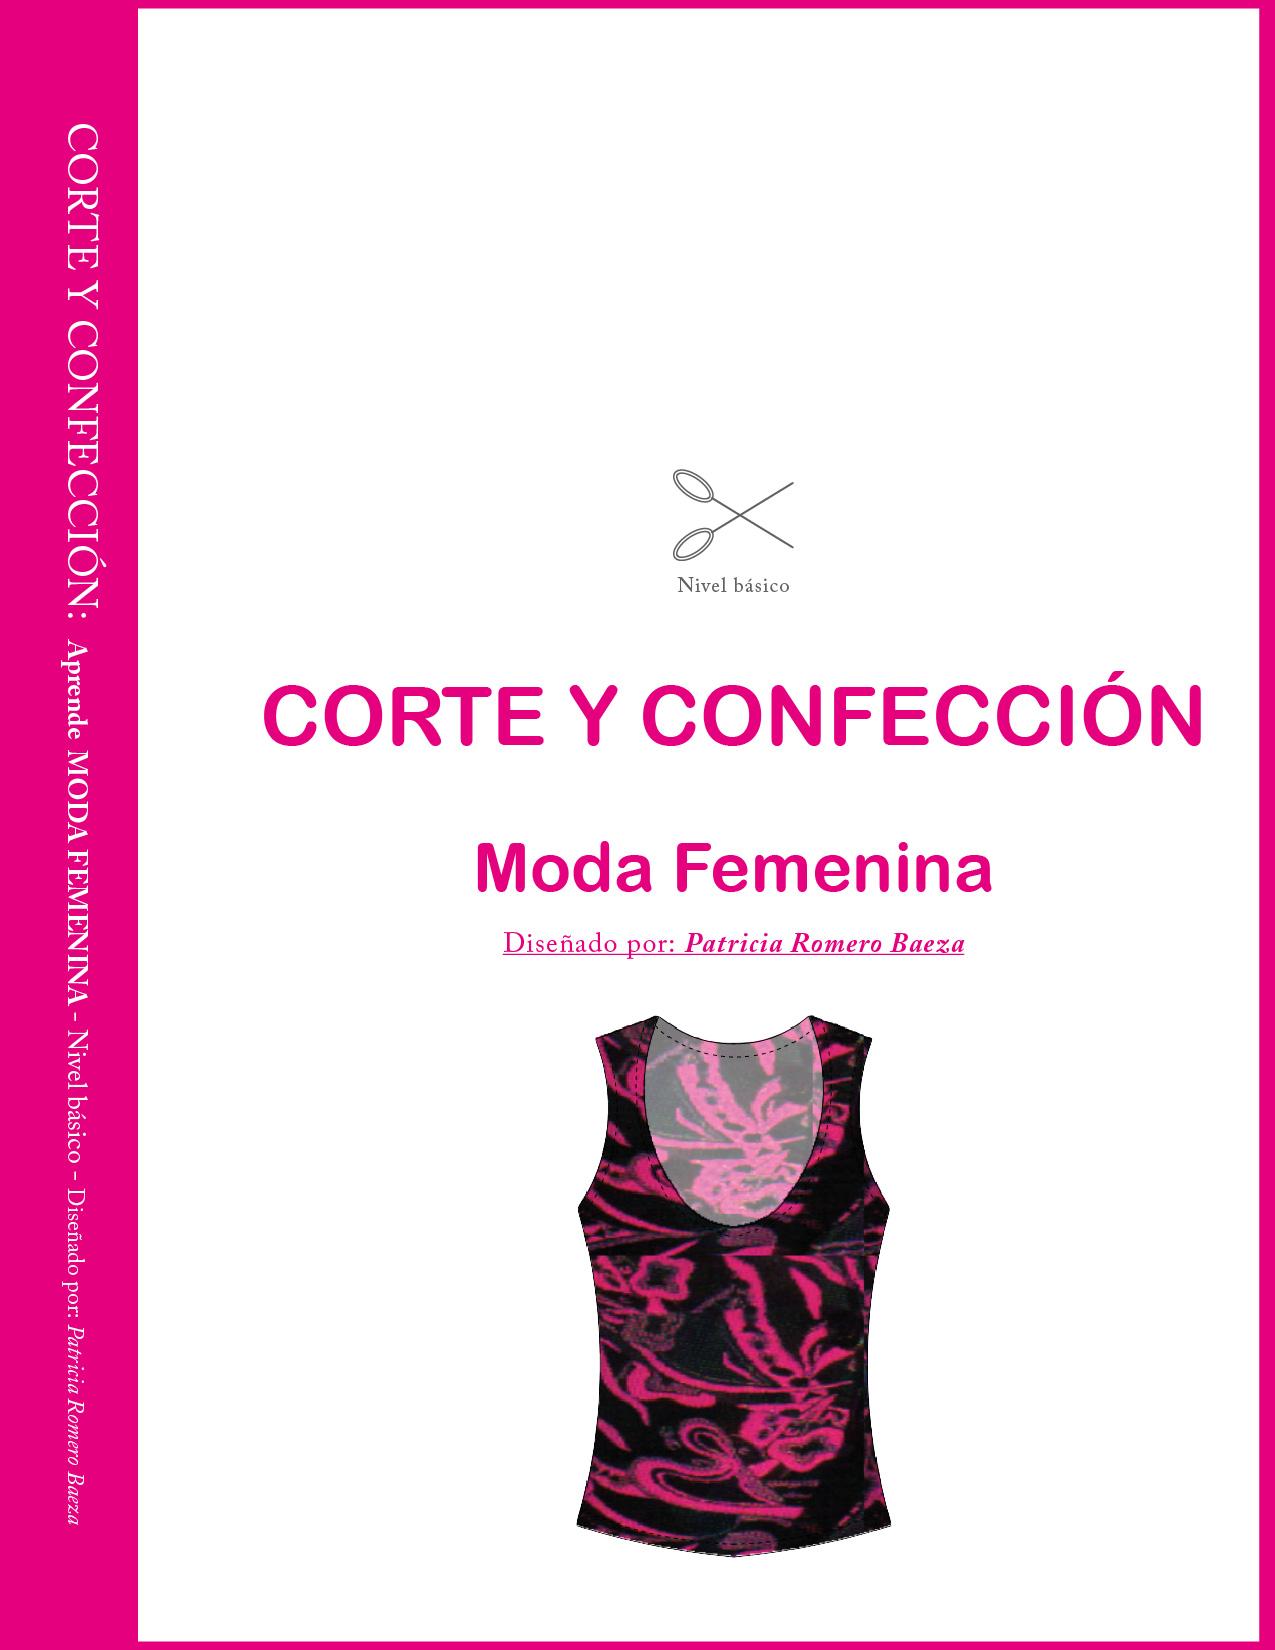 LIBRO: Corte y Confección Moda Femenina